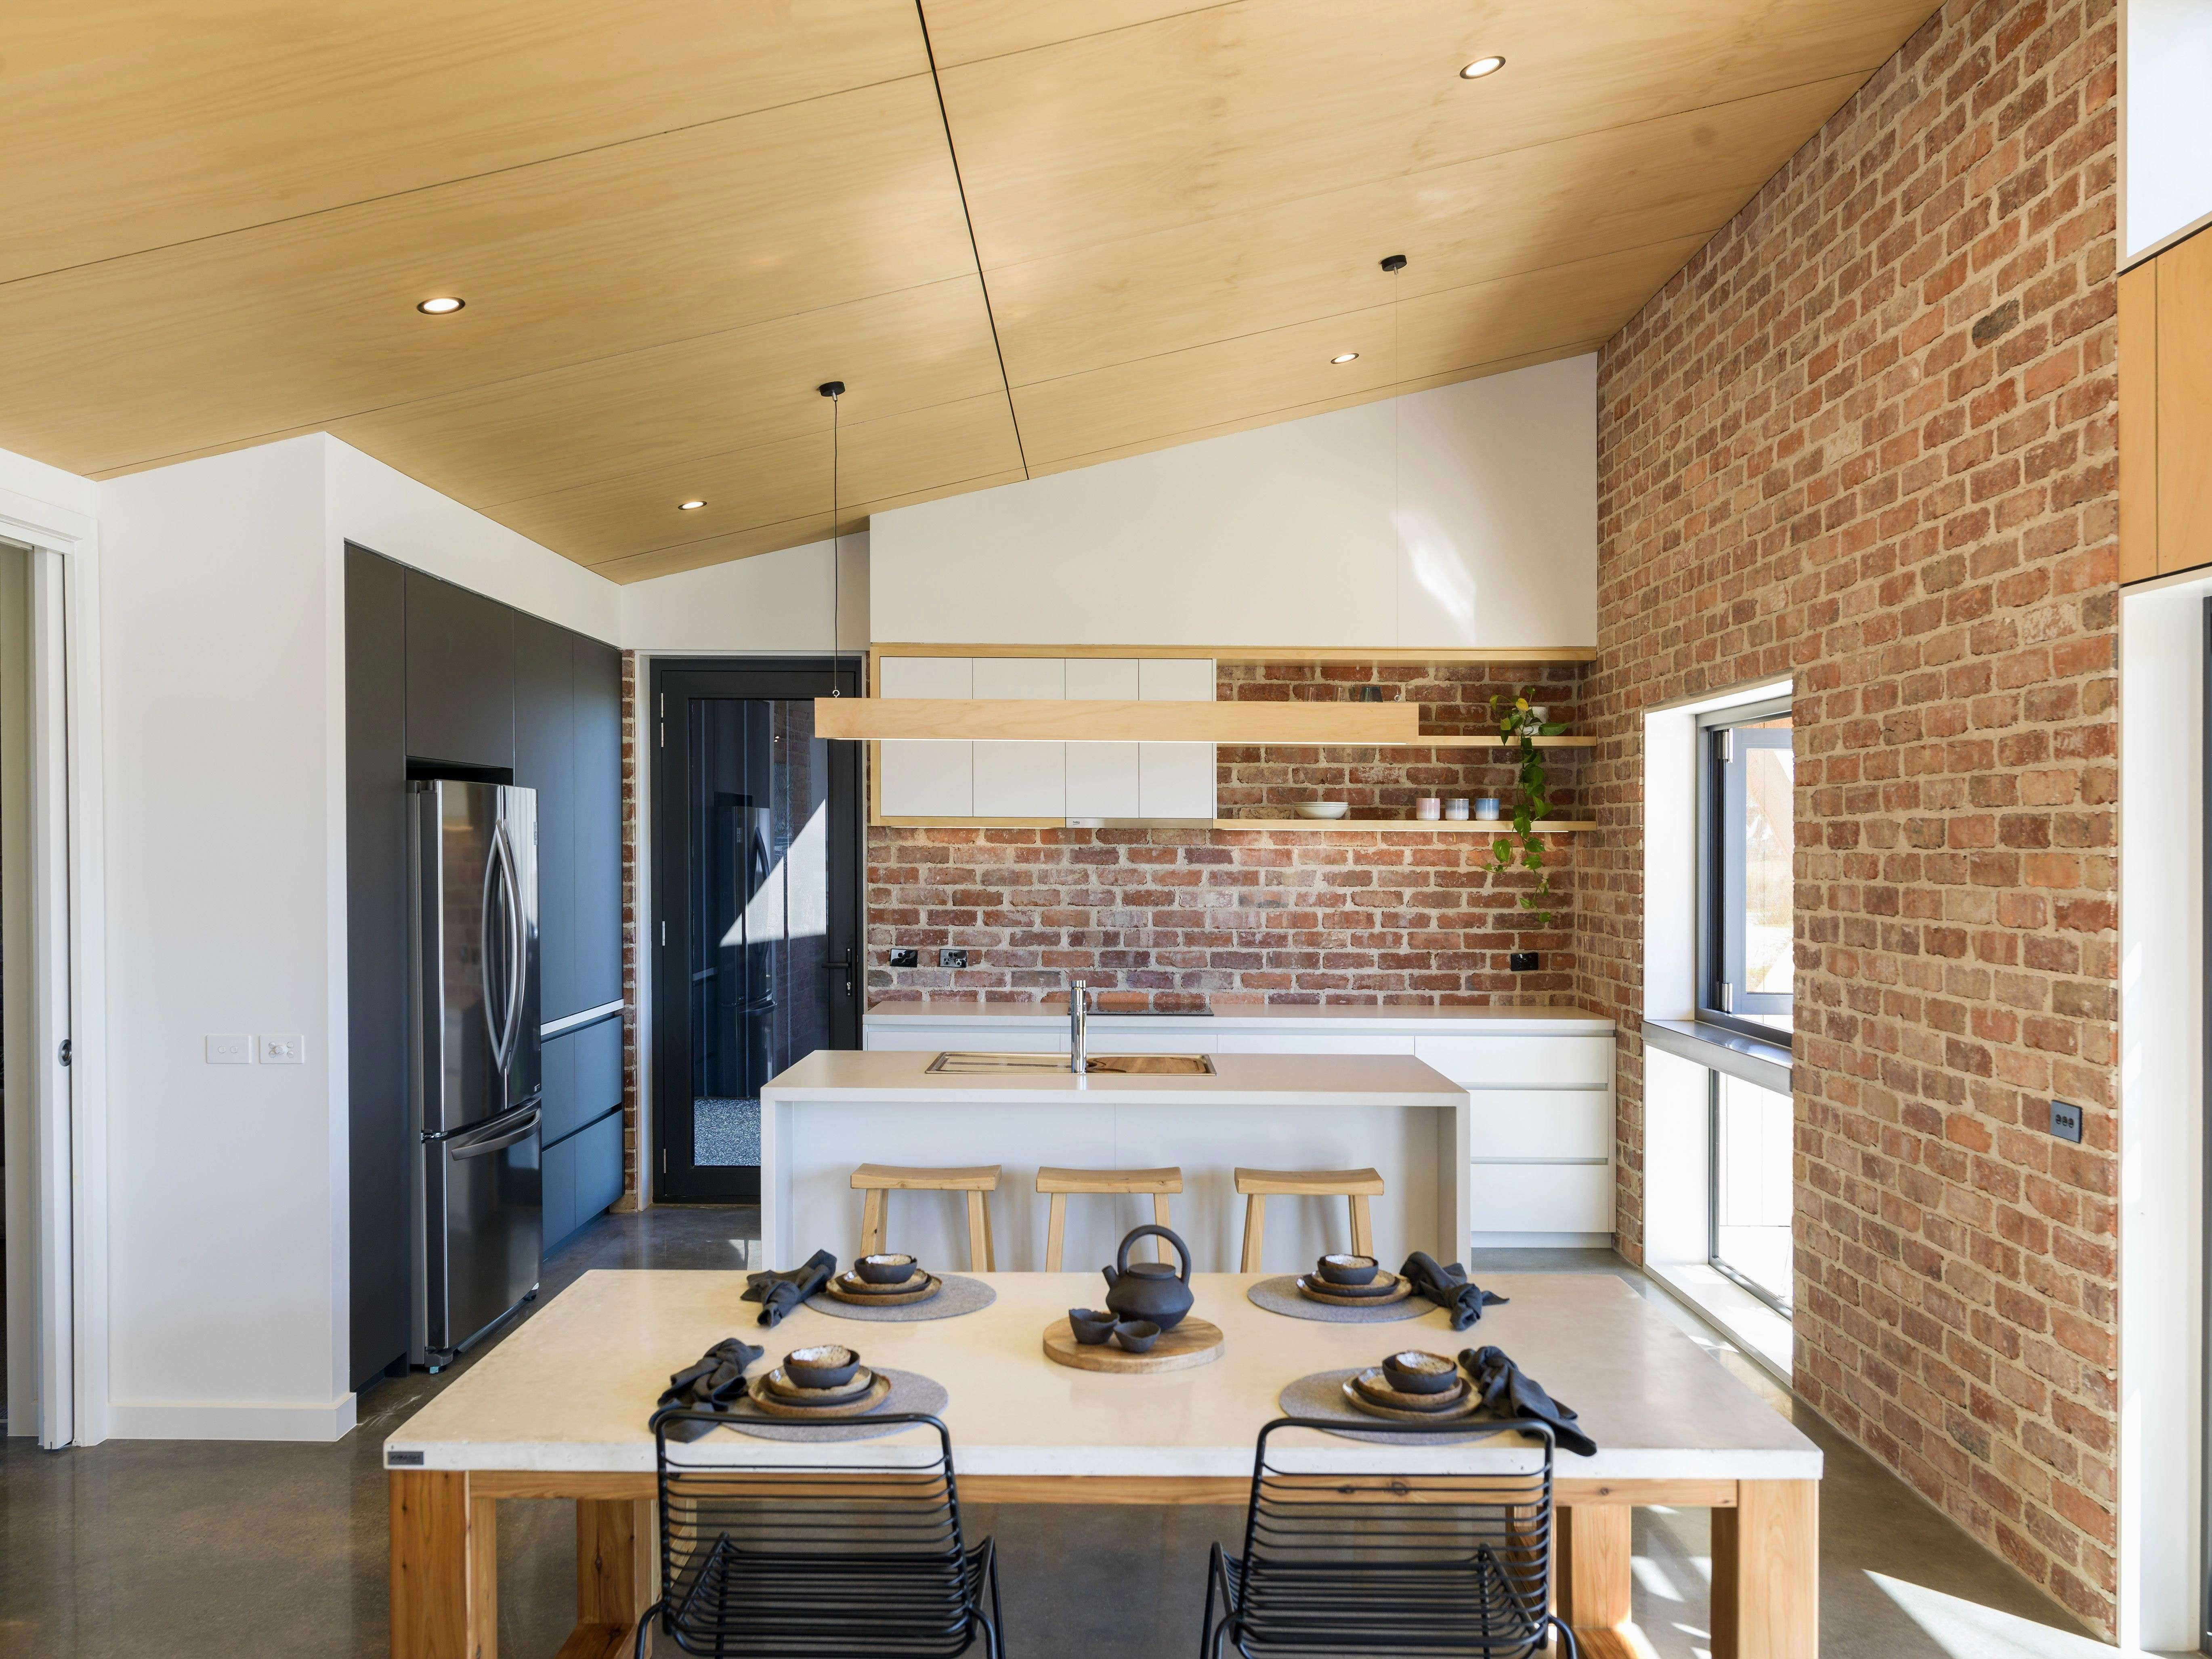 Idee Deco Interieur Cabane En Bois Luxe Stock Le Plus De Bel Spa Design Exterieur Mod¨le De Le Famille – Sullivanmaxx